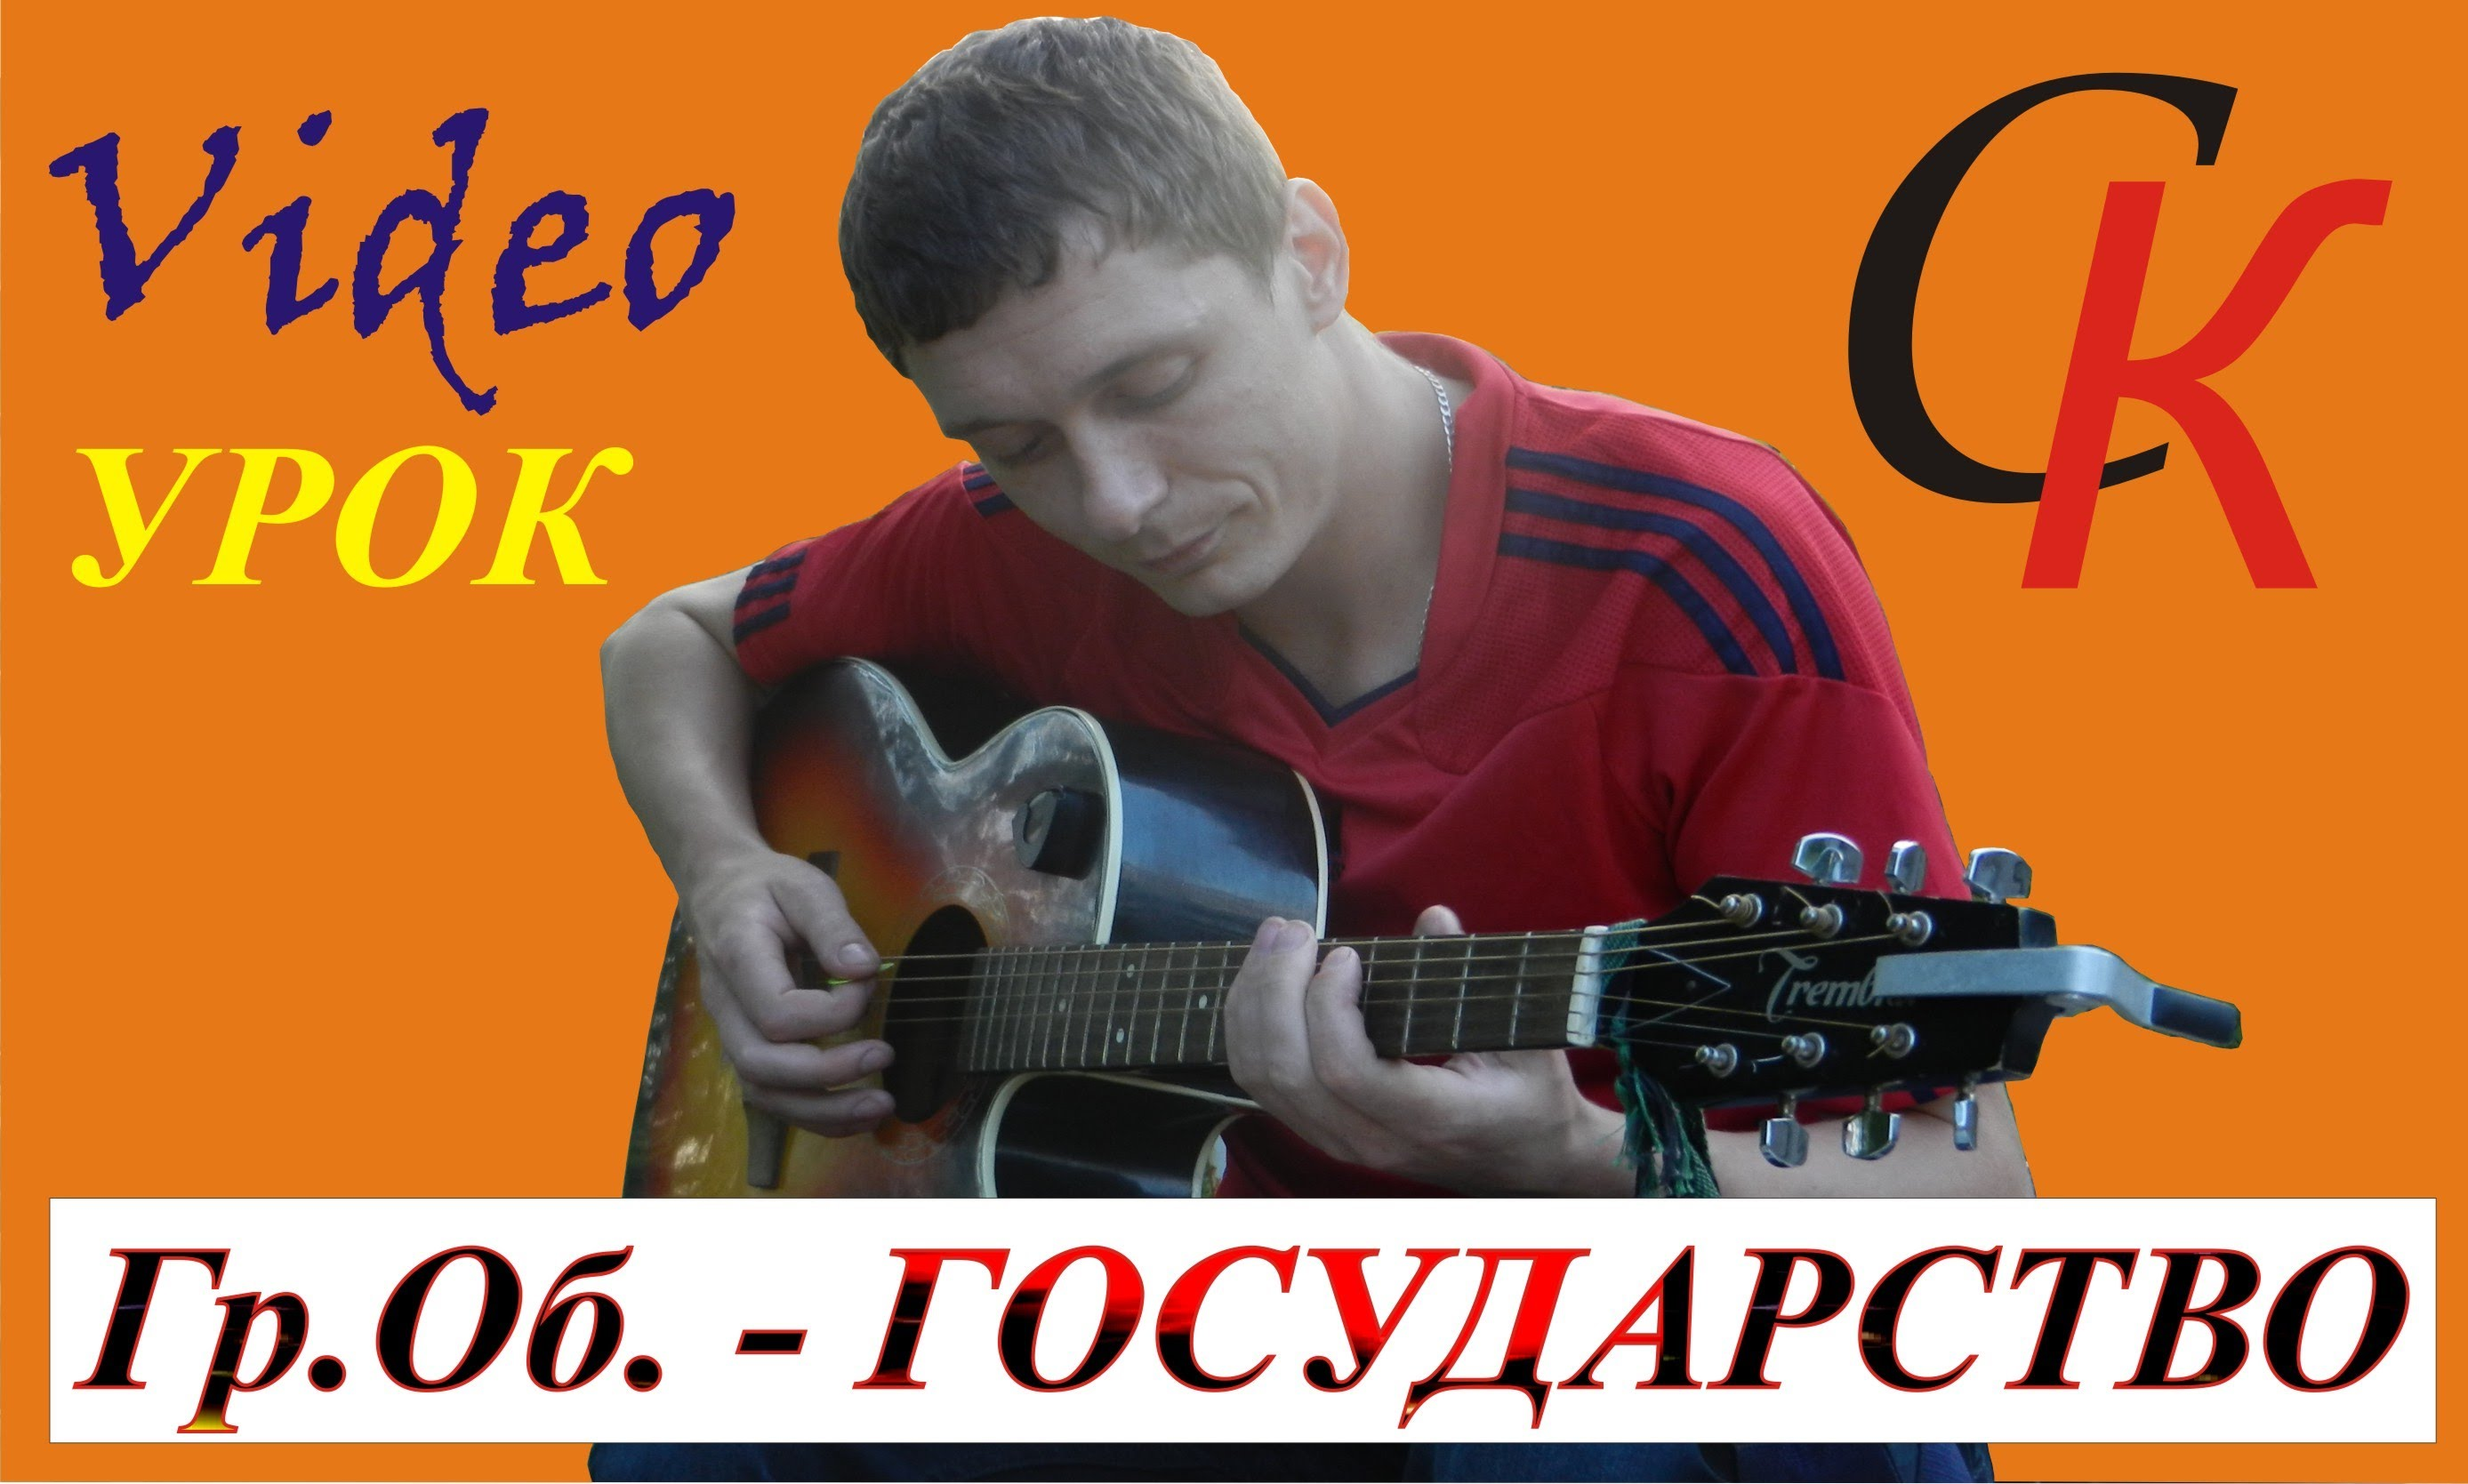 Catharsis Семь дорог (23 мая 2013)